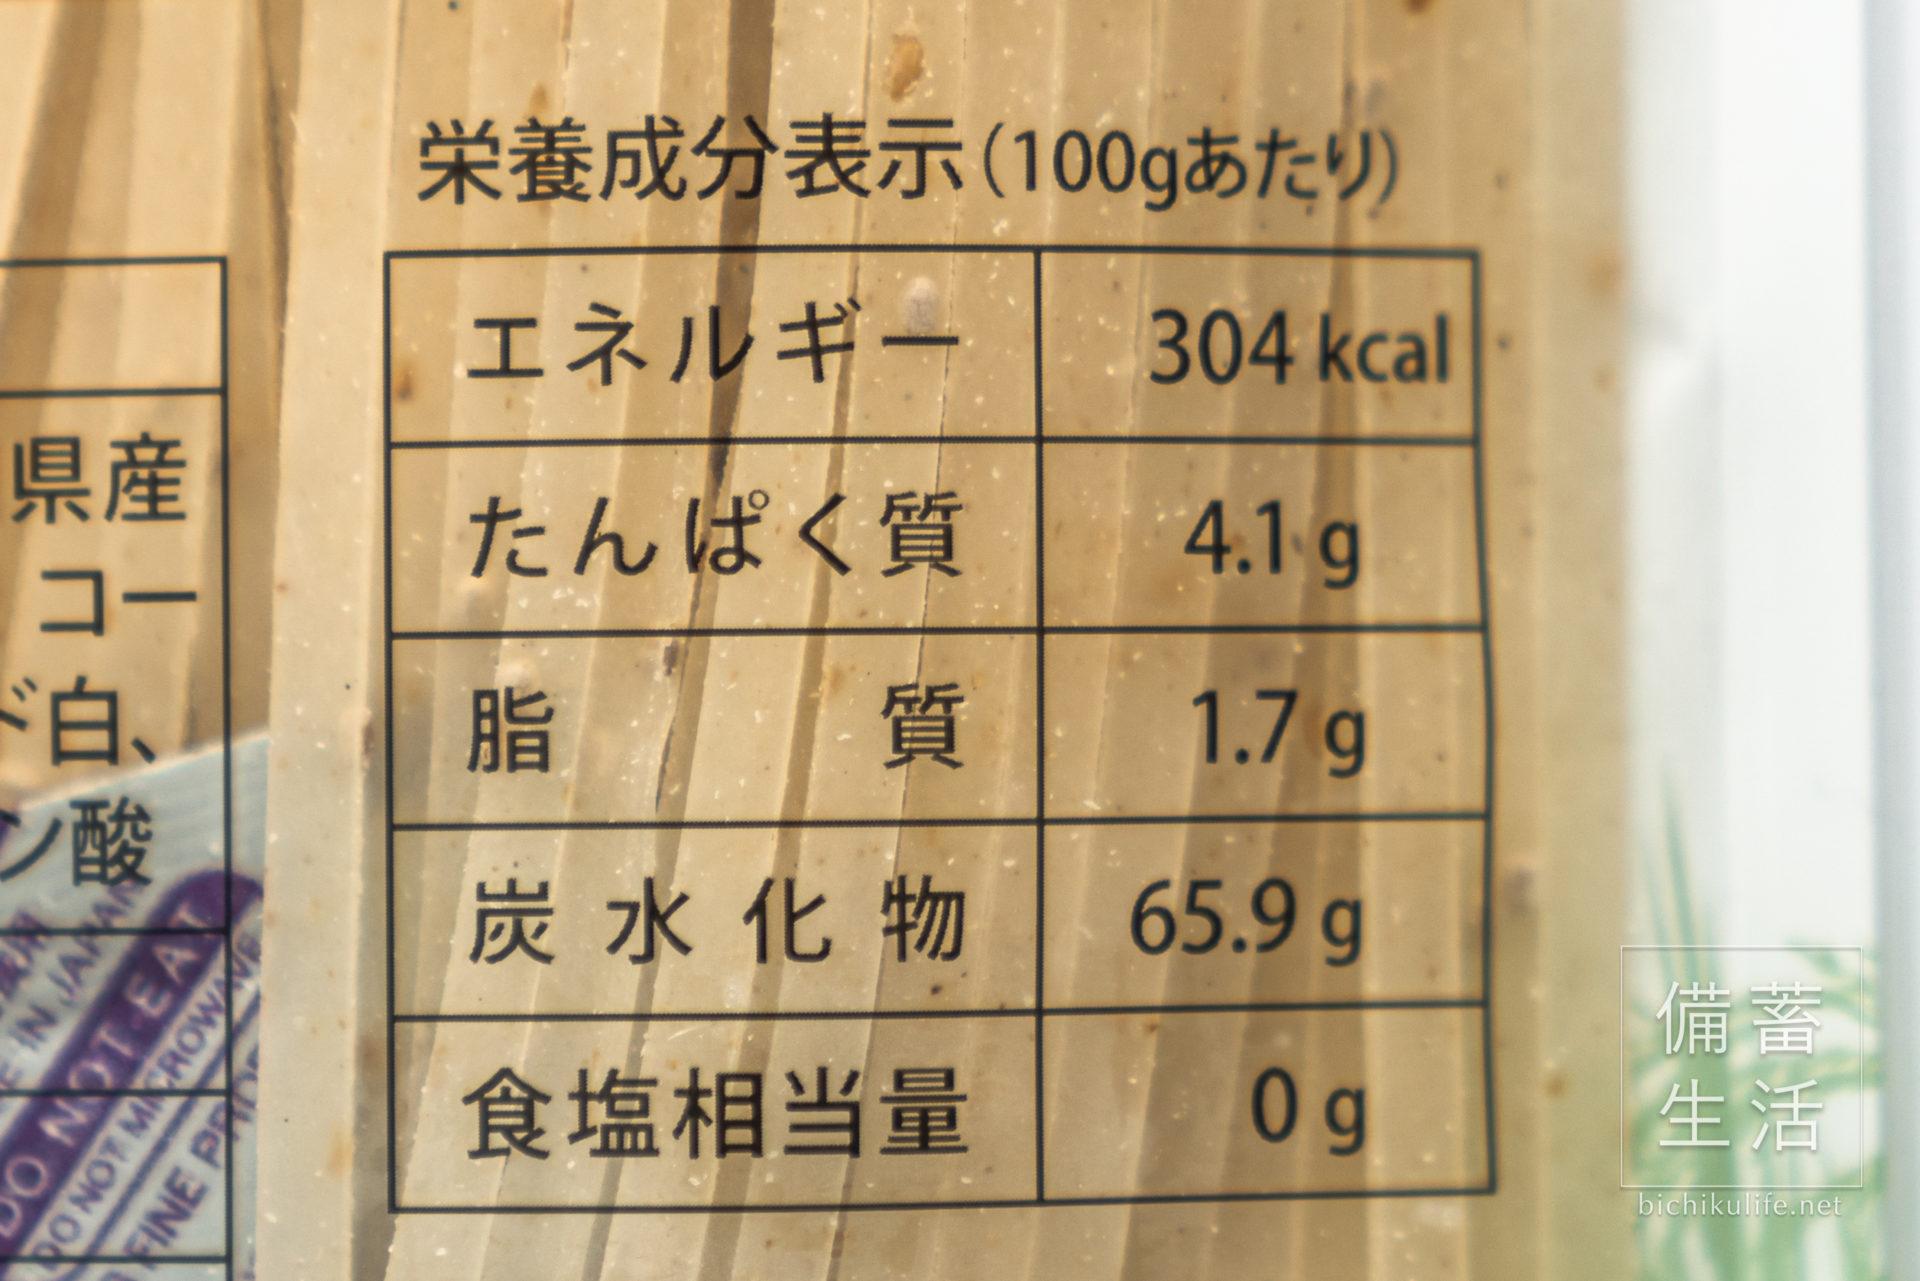 こまち麺 パスタ グルテンフリーのお米のパスタの栄養成分表示